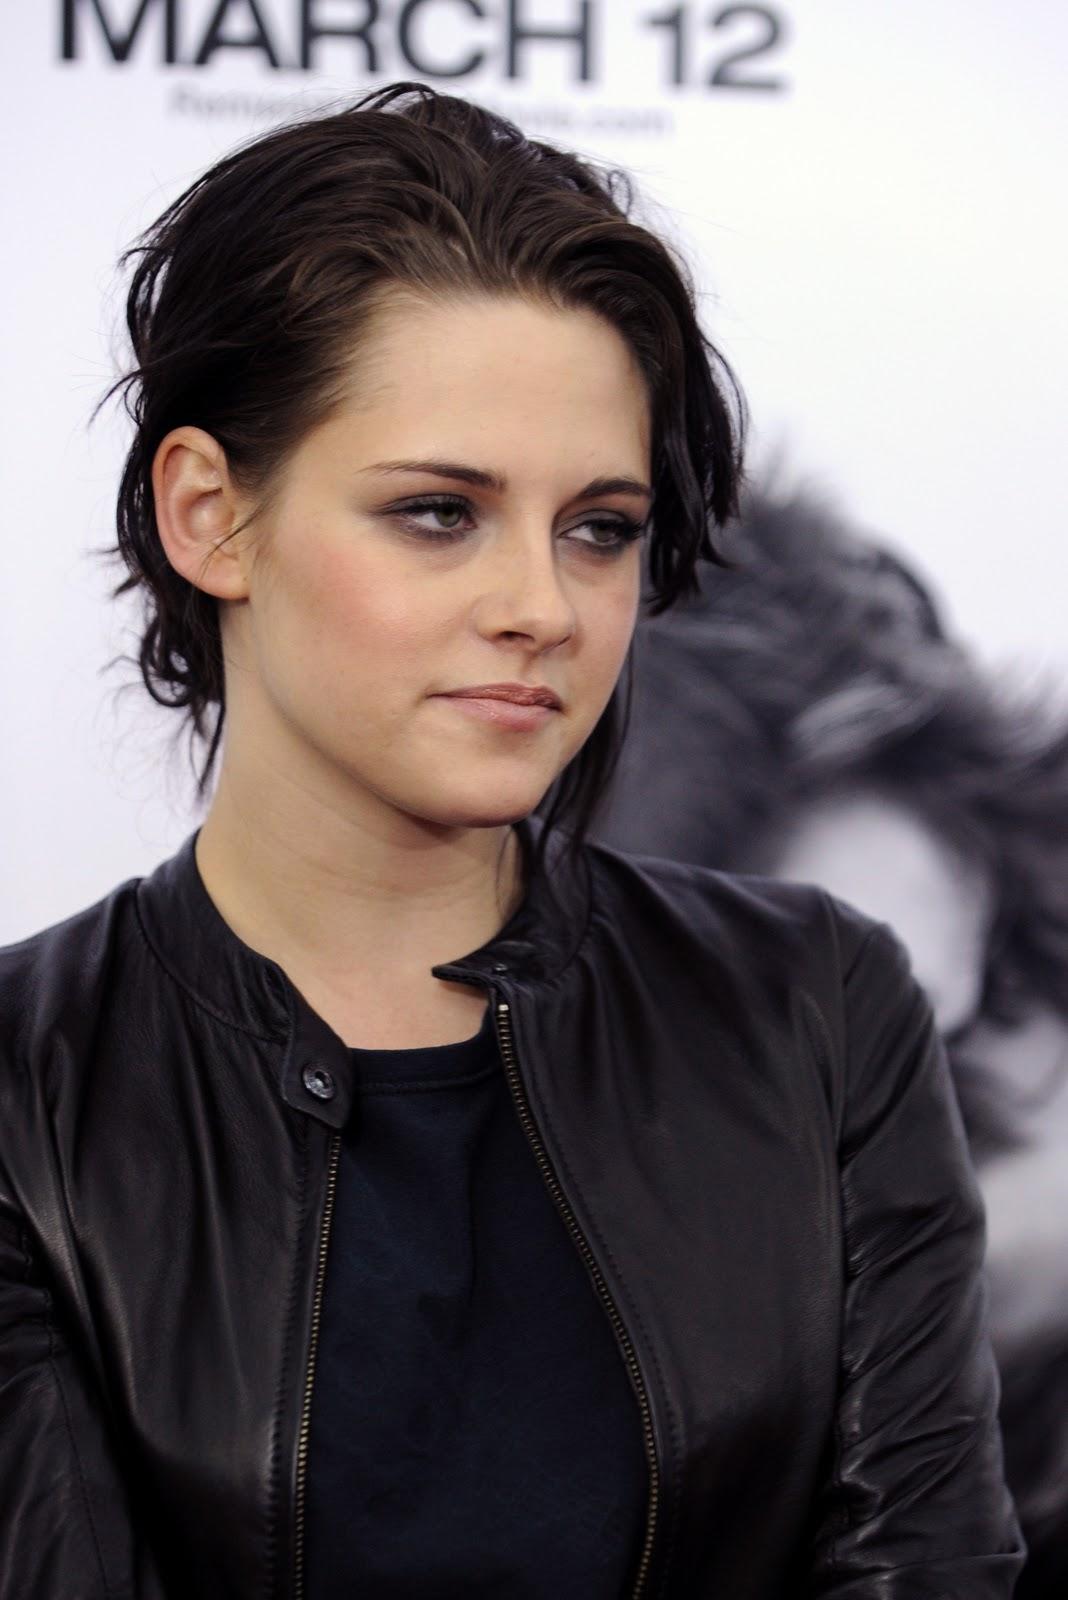 Kristen Stewart Short Hairstyles 2013 Hair Trends